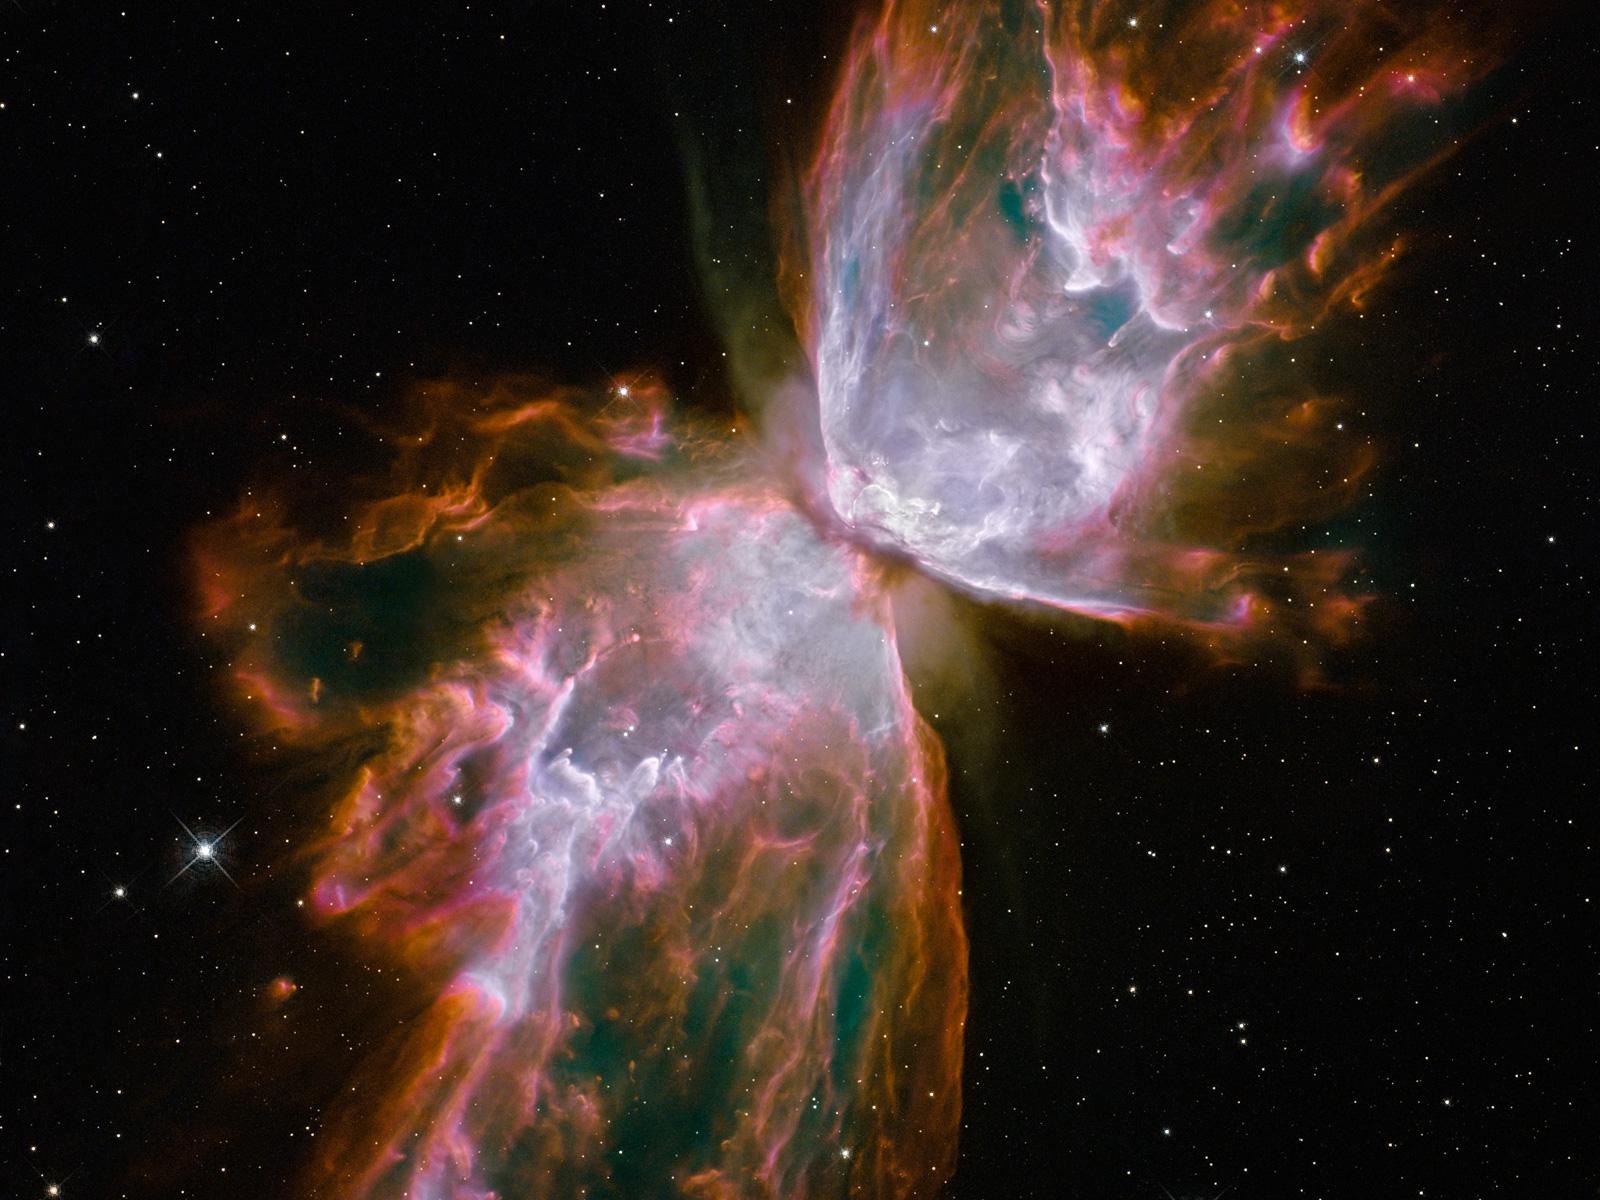 http://4.bp.blogspot.com/_cyJgDNC8jqQ/TO9ZnMuLbfI/AAAAAAAAAIg/3dkGe6sqkOA/s1600/butfly_nebula_heic0910h.jpg